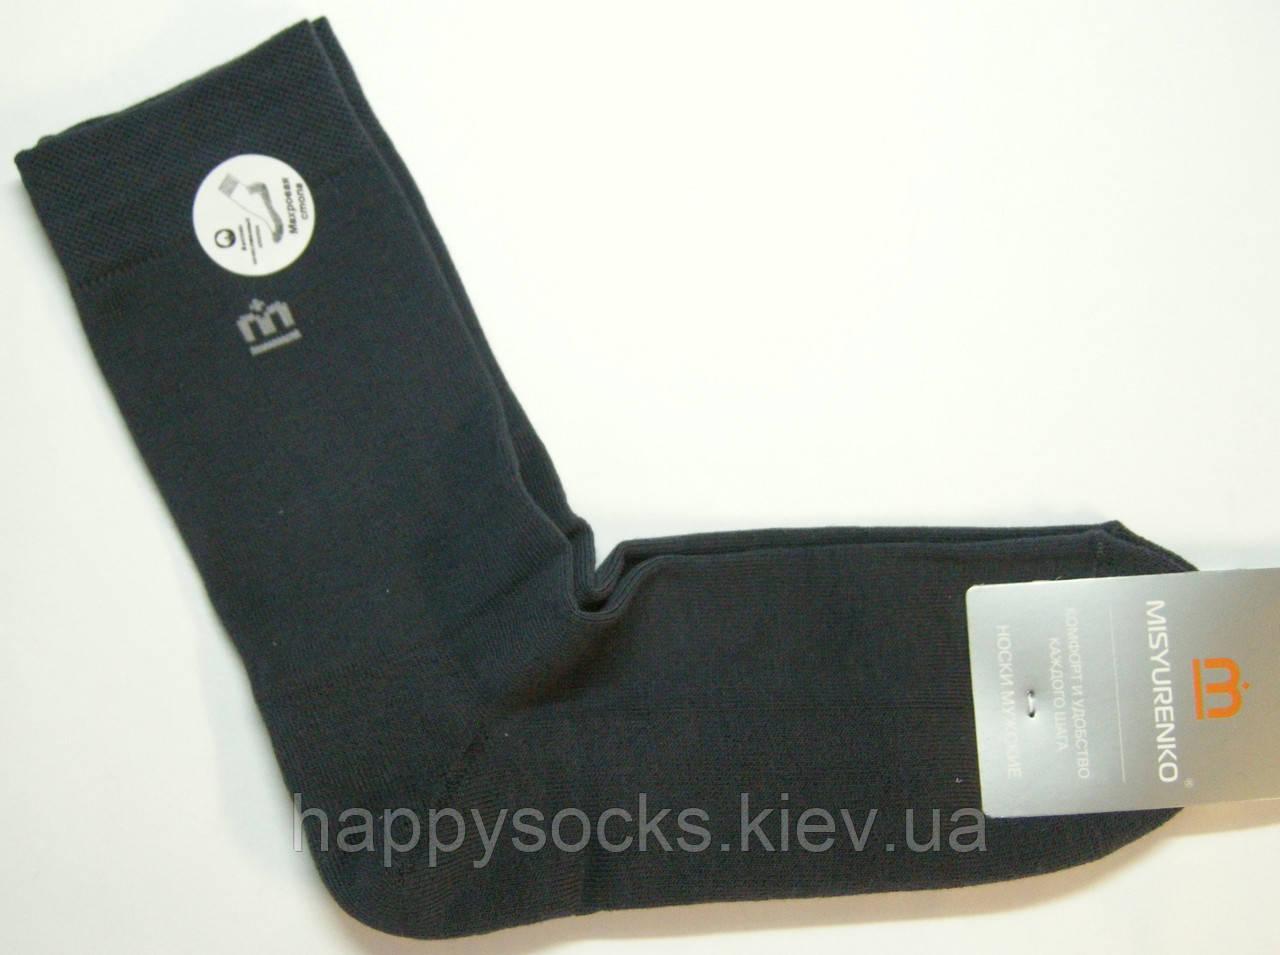 Мужские носки с махровым следом темно-серые